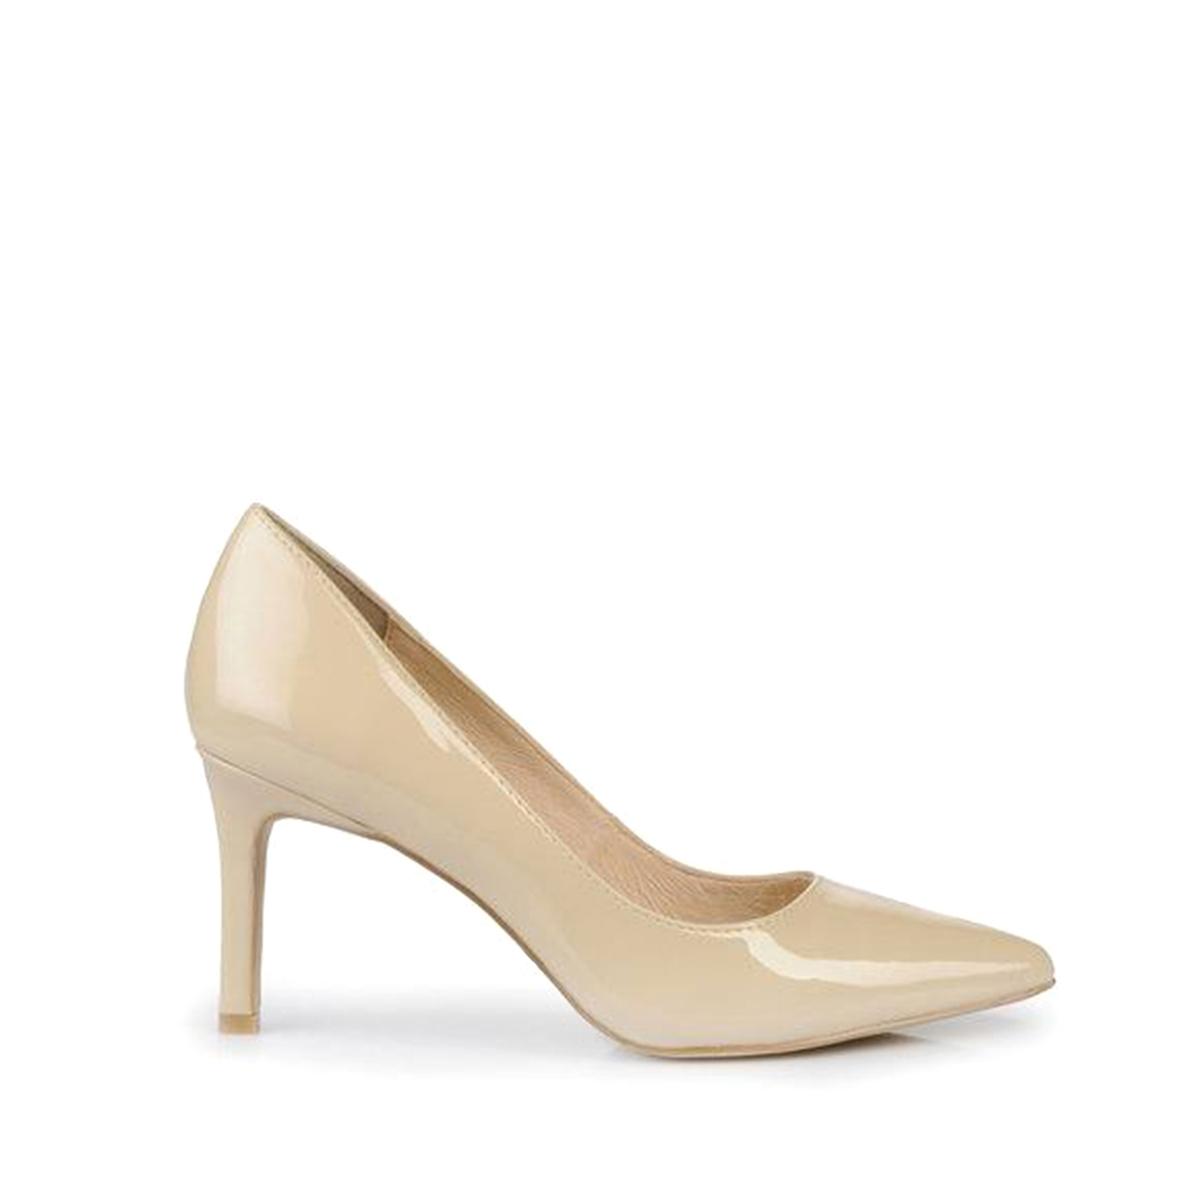 Туфли кожаные H733-C002A-4Верх : синтетика   Подкладка : Кожа.   Стелька : синтетика   Подошва : синтетика   Высота каблука : 7 см   Форма каблука : шпилька   Мысок : заостренный мысок     Застежка : без застежки<br><br>Цвет: телесный,черный<br>Размер: 39